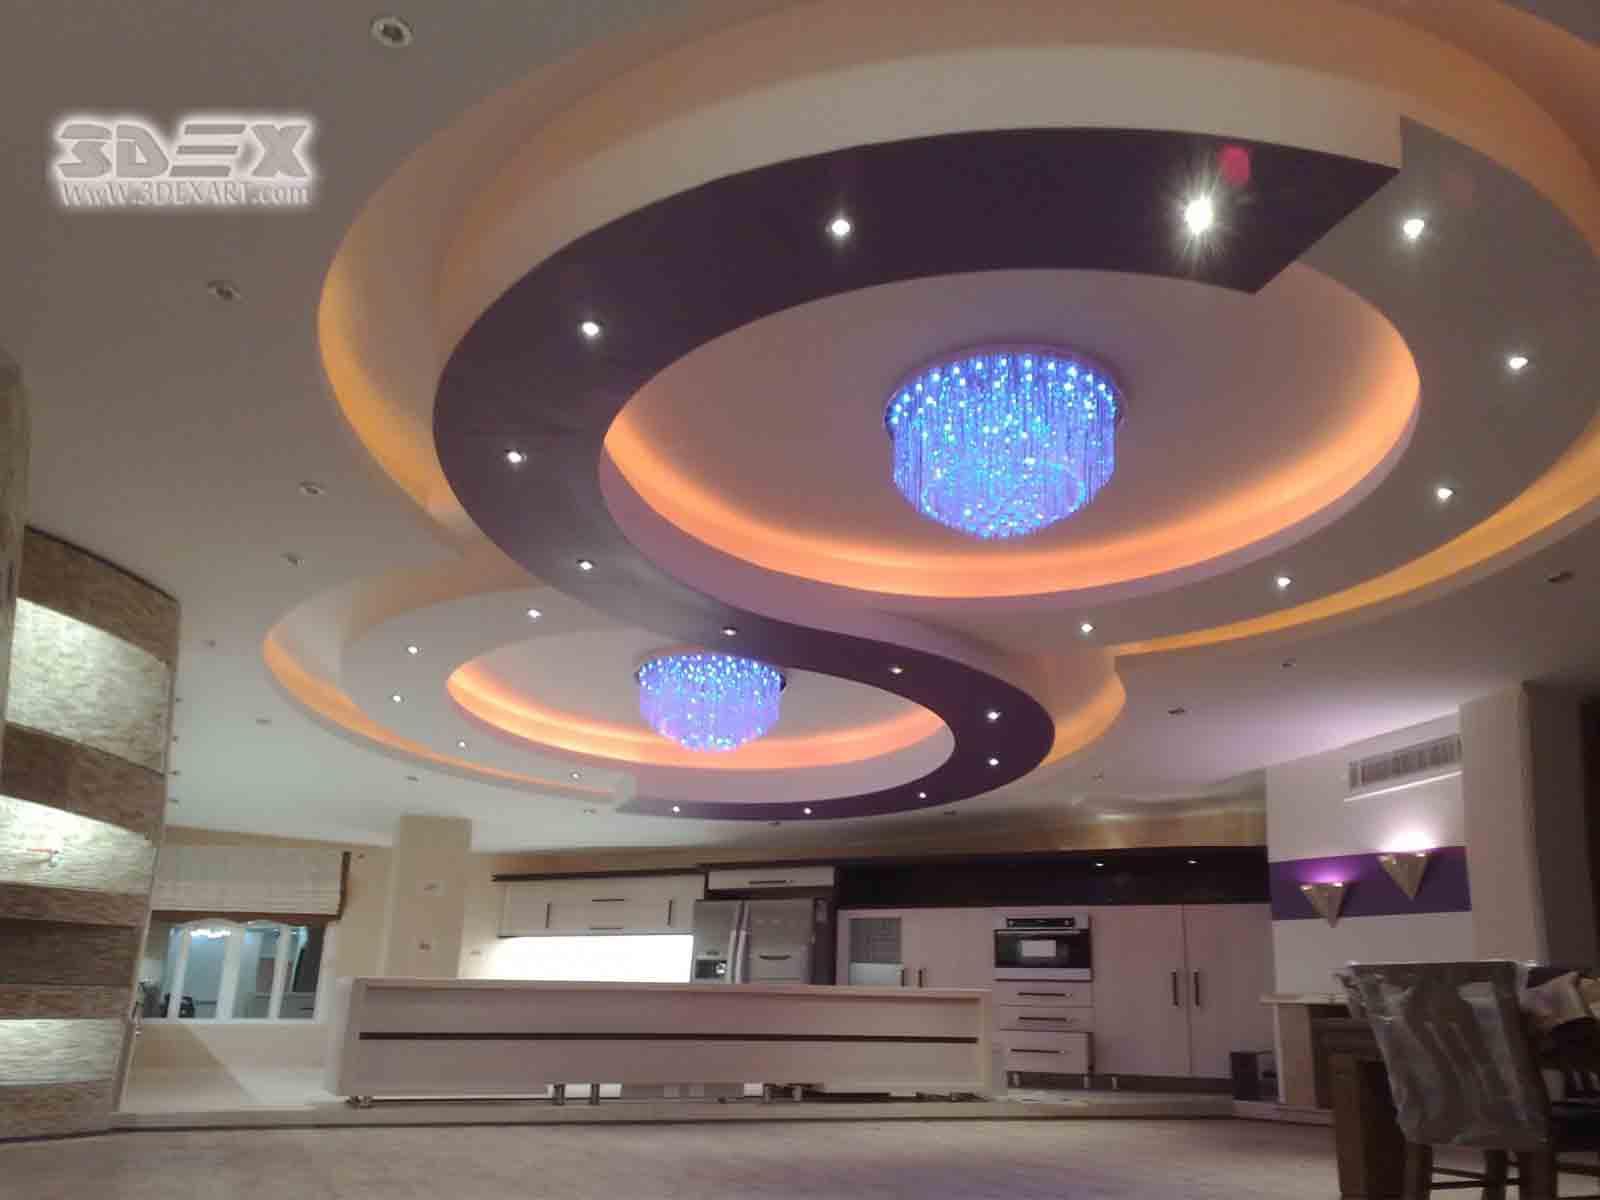 latest pop designs for living room ceiling bright ideas design hall home 50 false